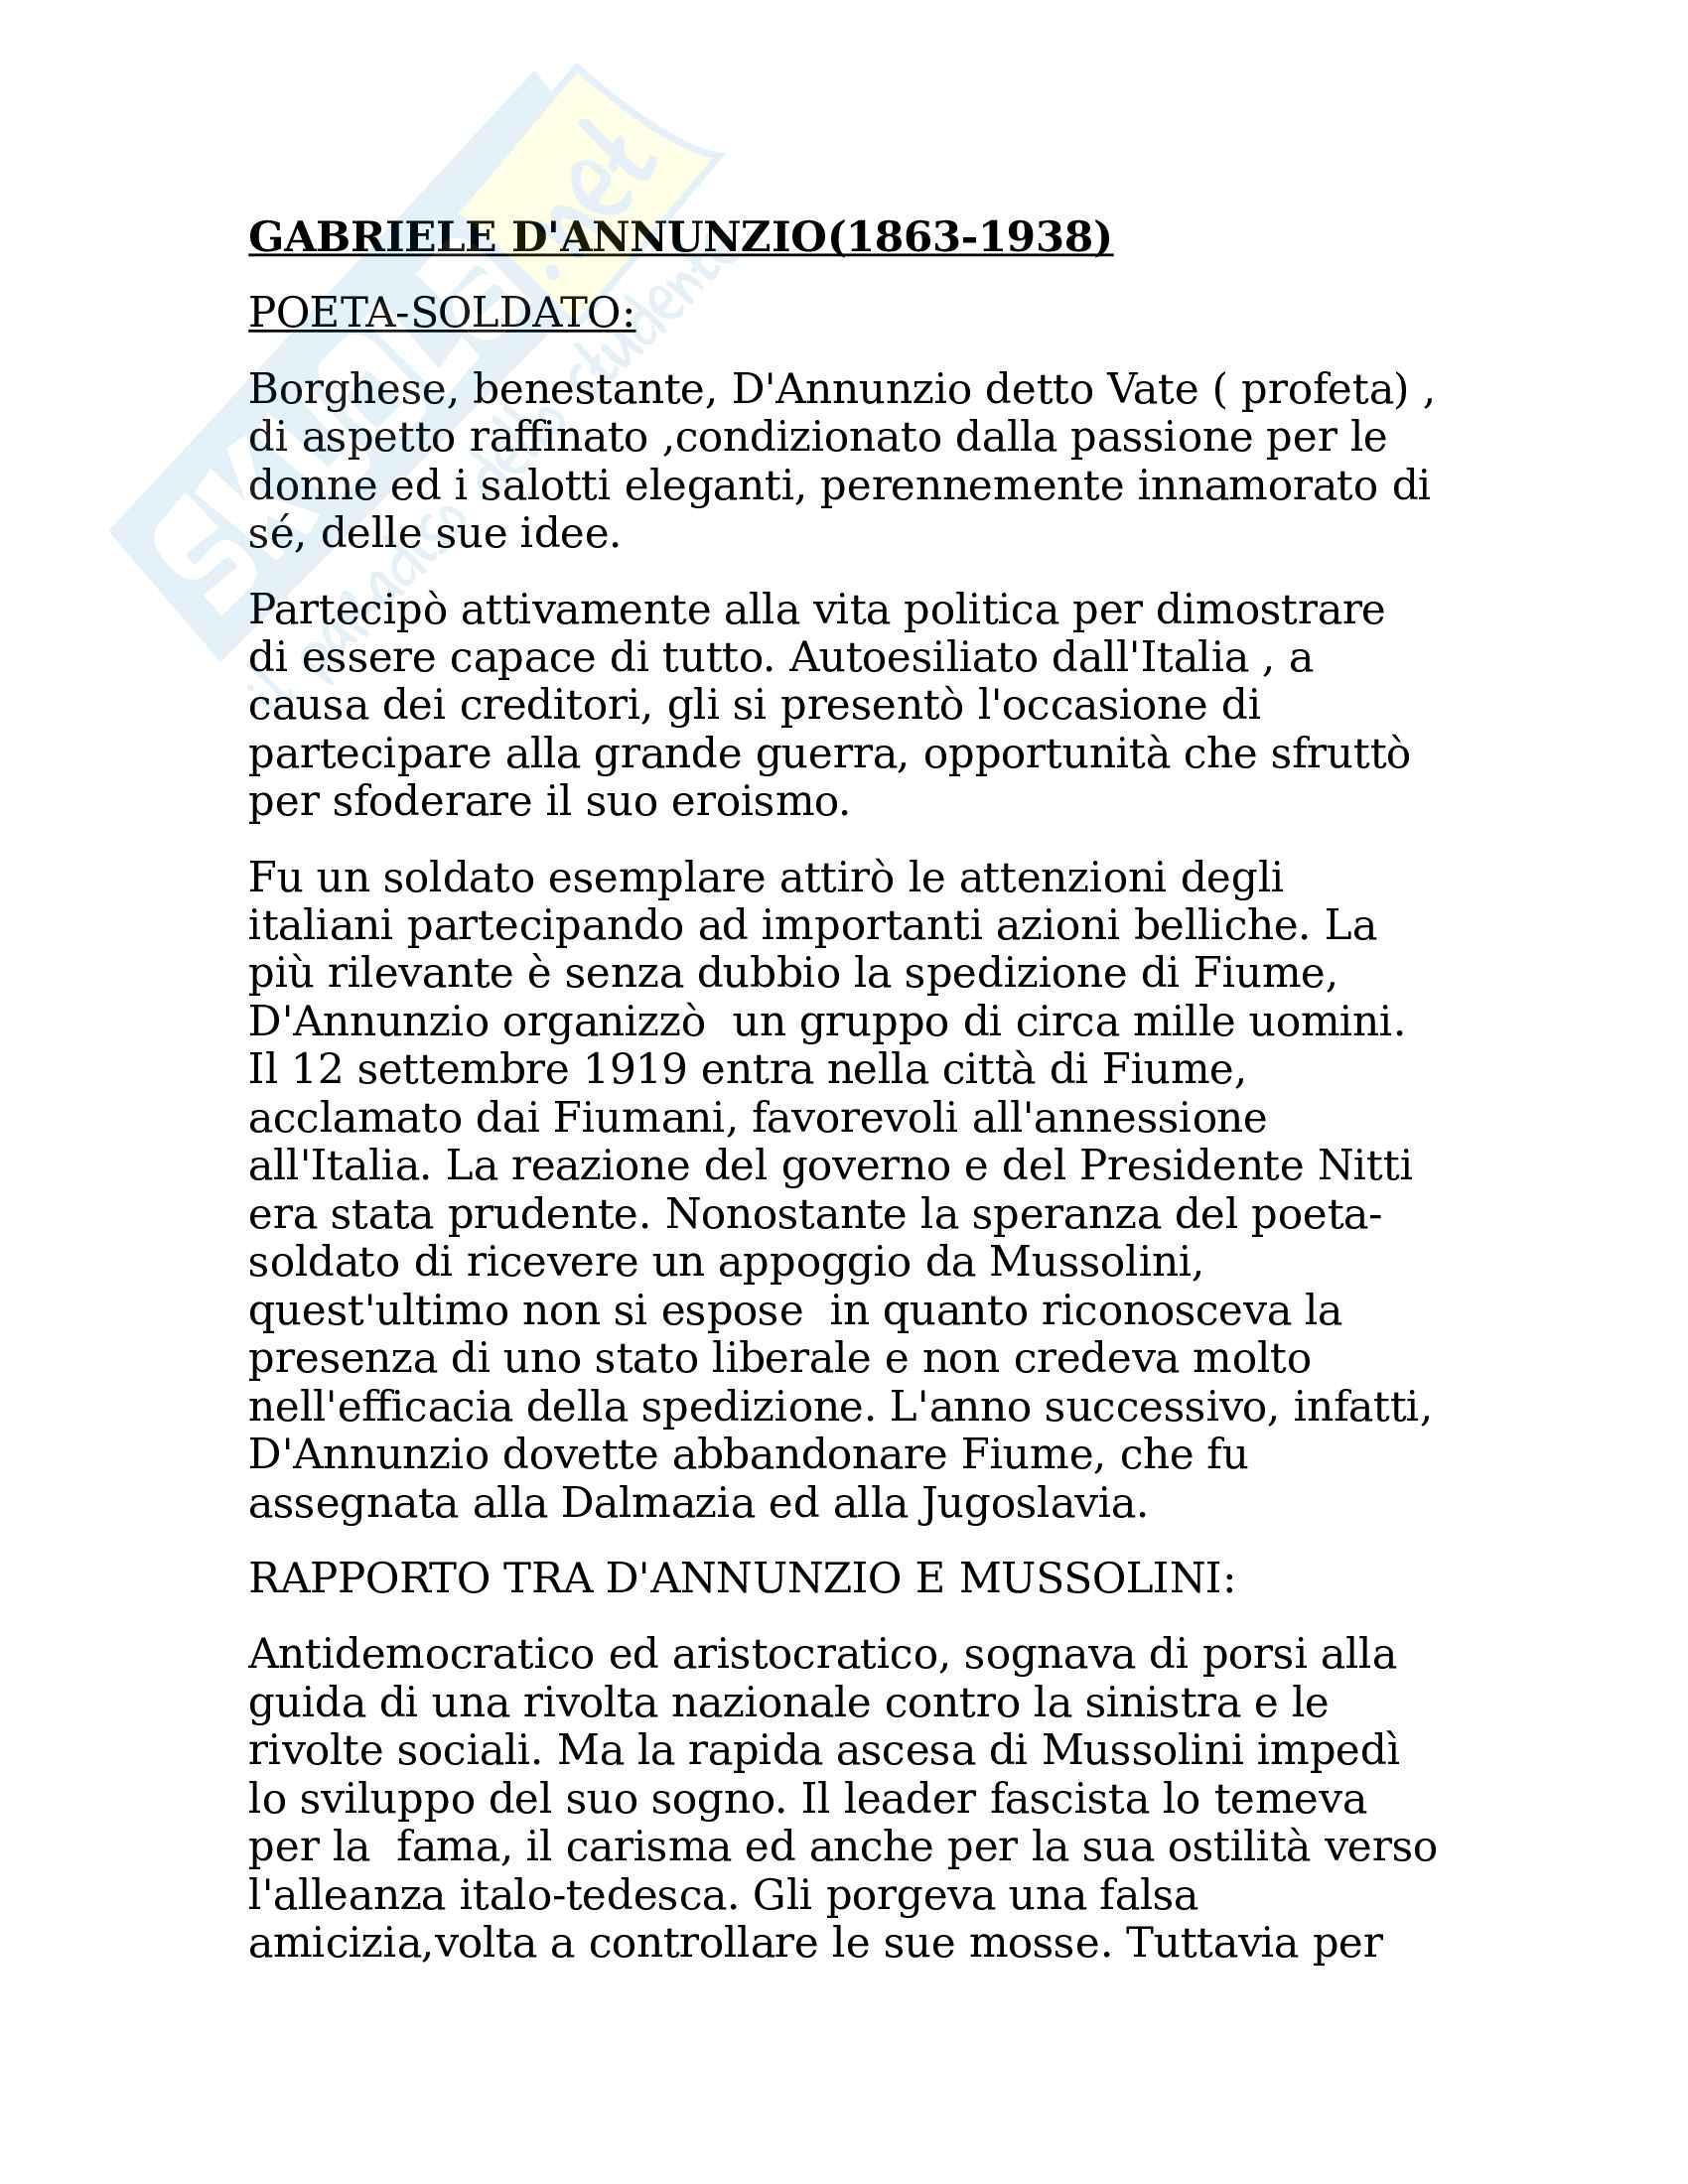 D' Annunzio, Gabriele - Vita,poetica, opere. Il poeta soldato e il Superuomo. Riassunto esame Letteratura Italiana, prof. Pierangeli